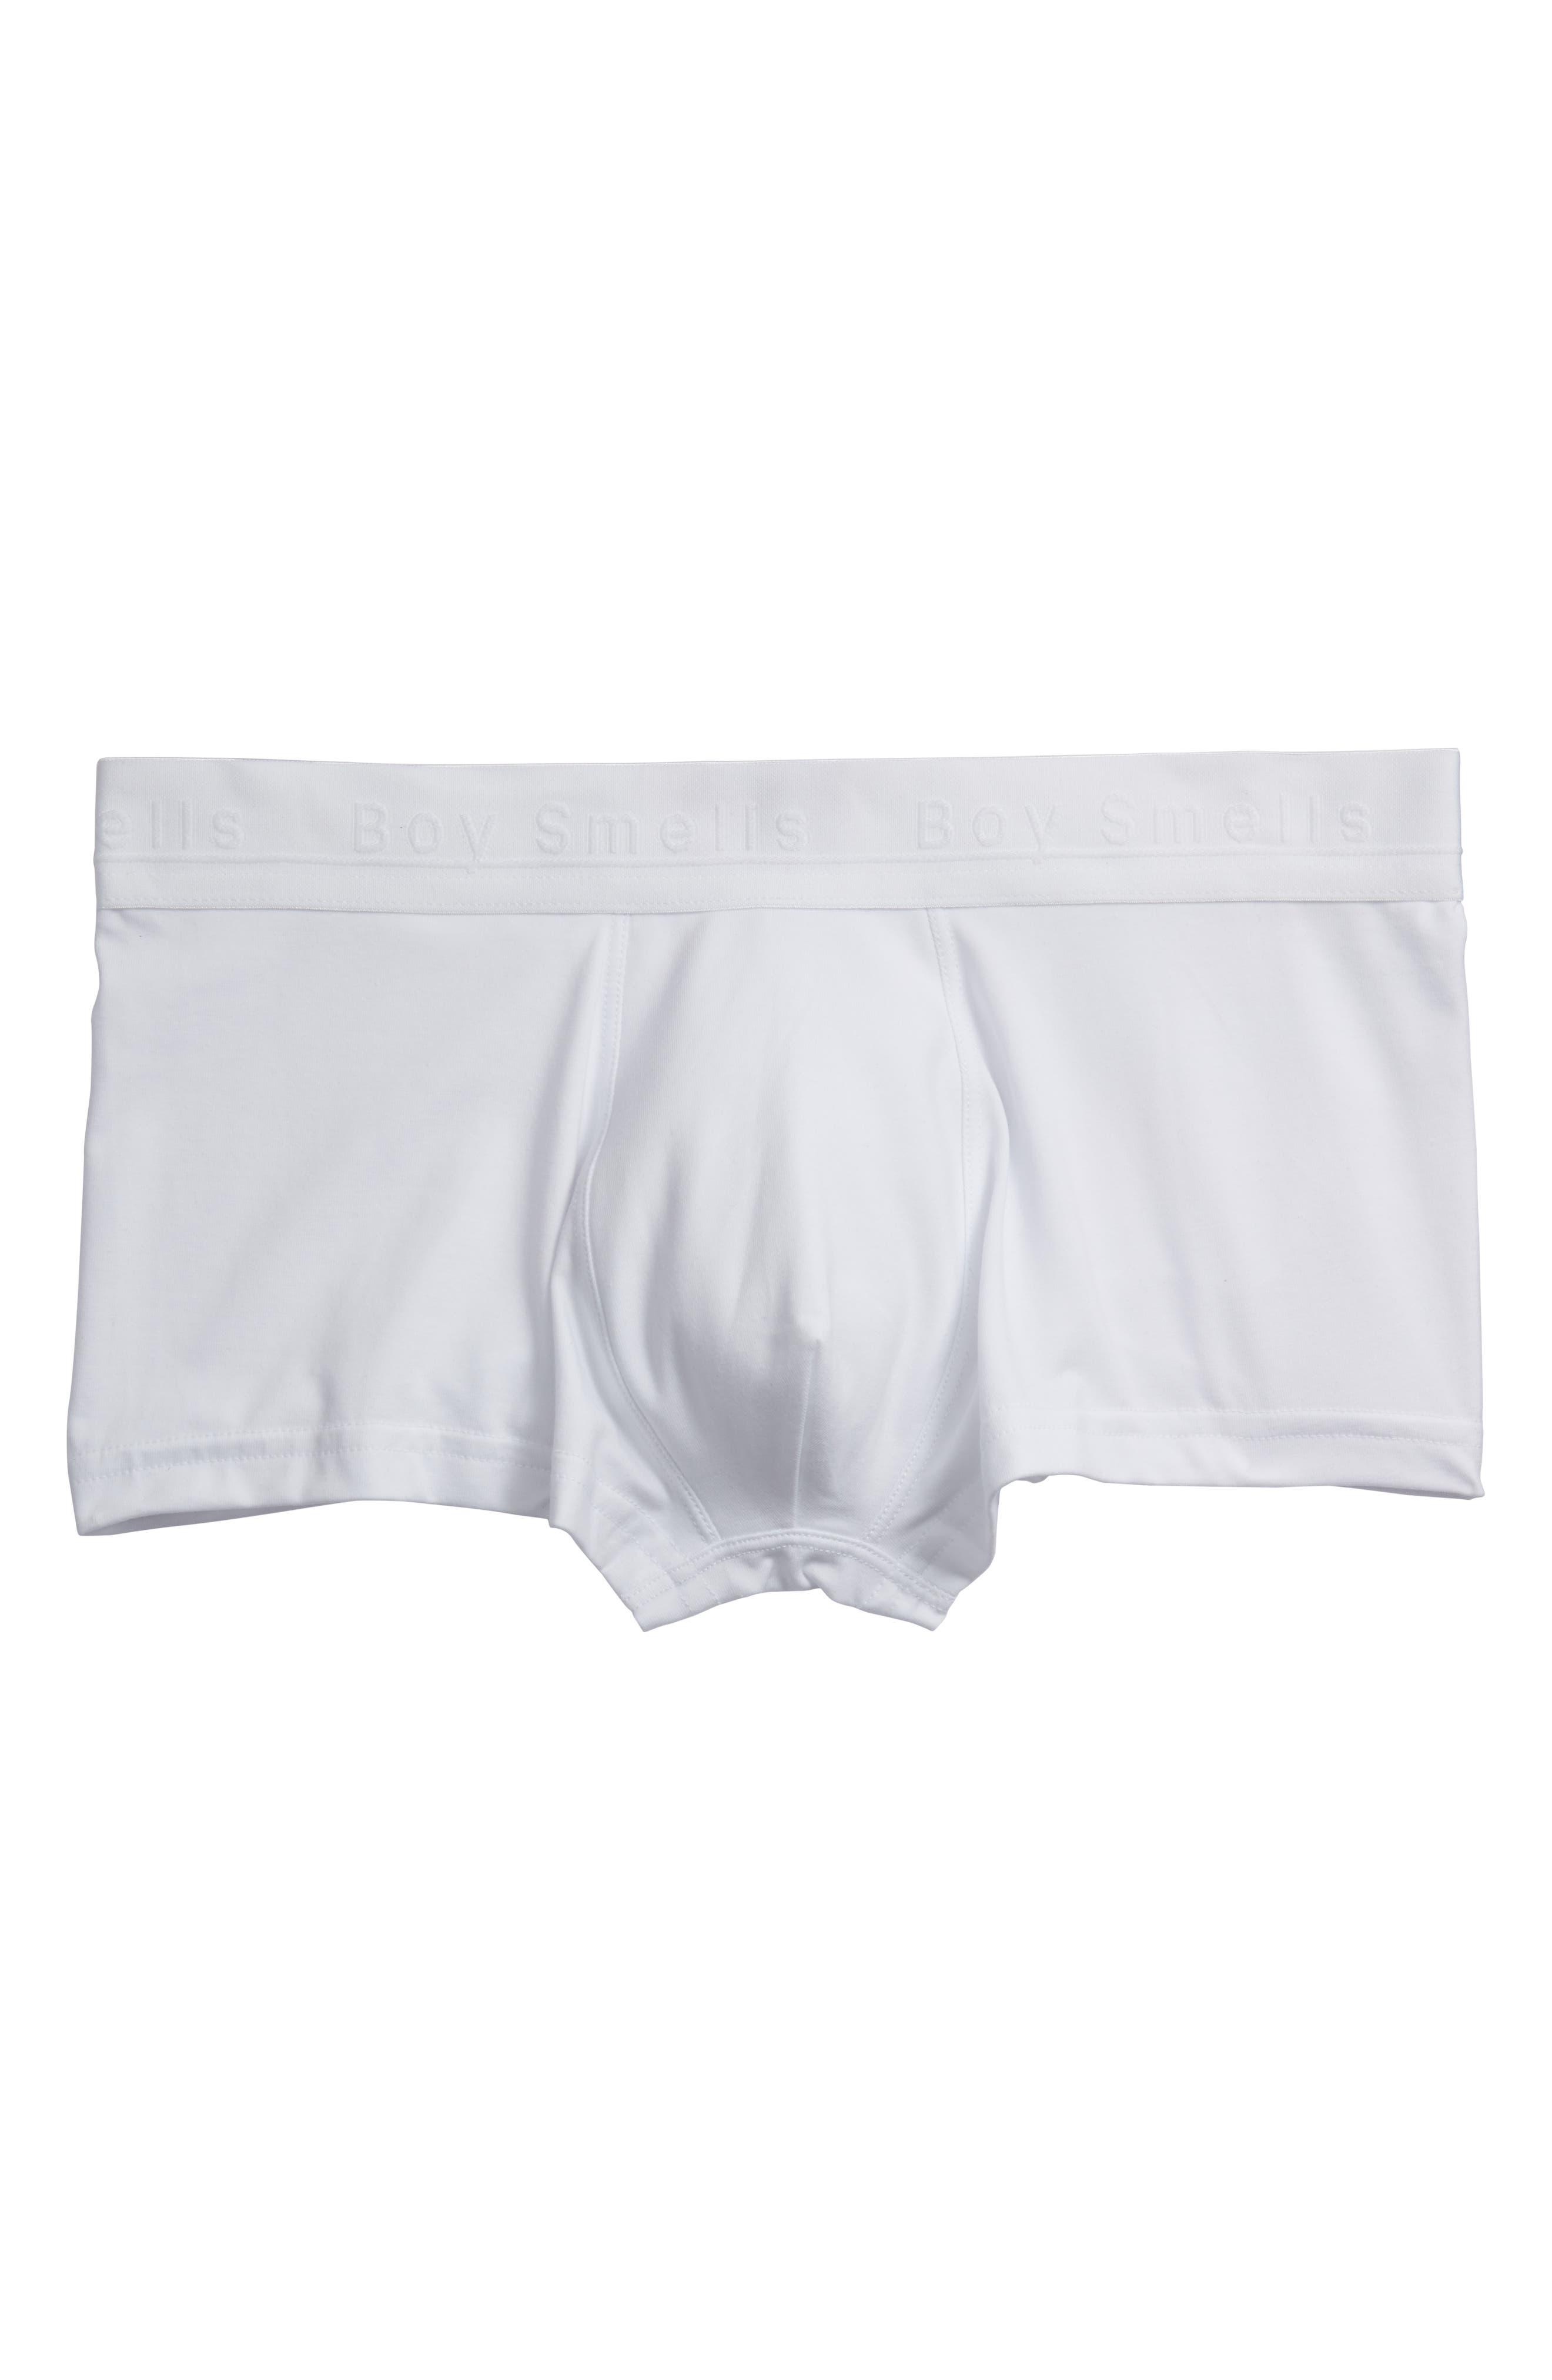 Men's Boxer Briefs,                             Main thumbnail 1, color,                             WHITE